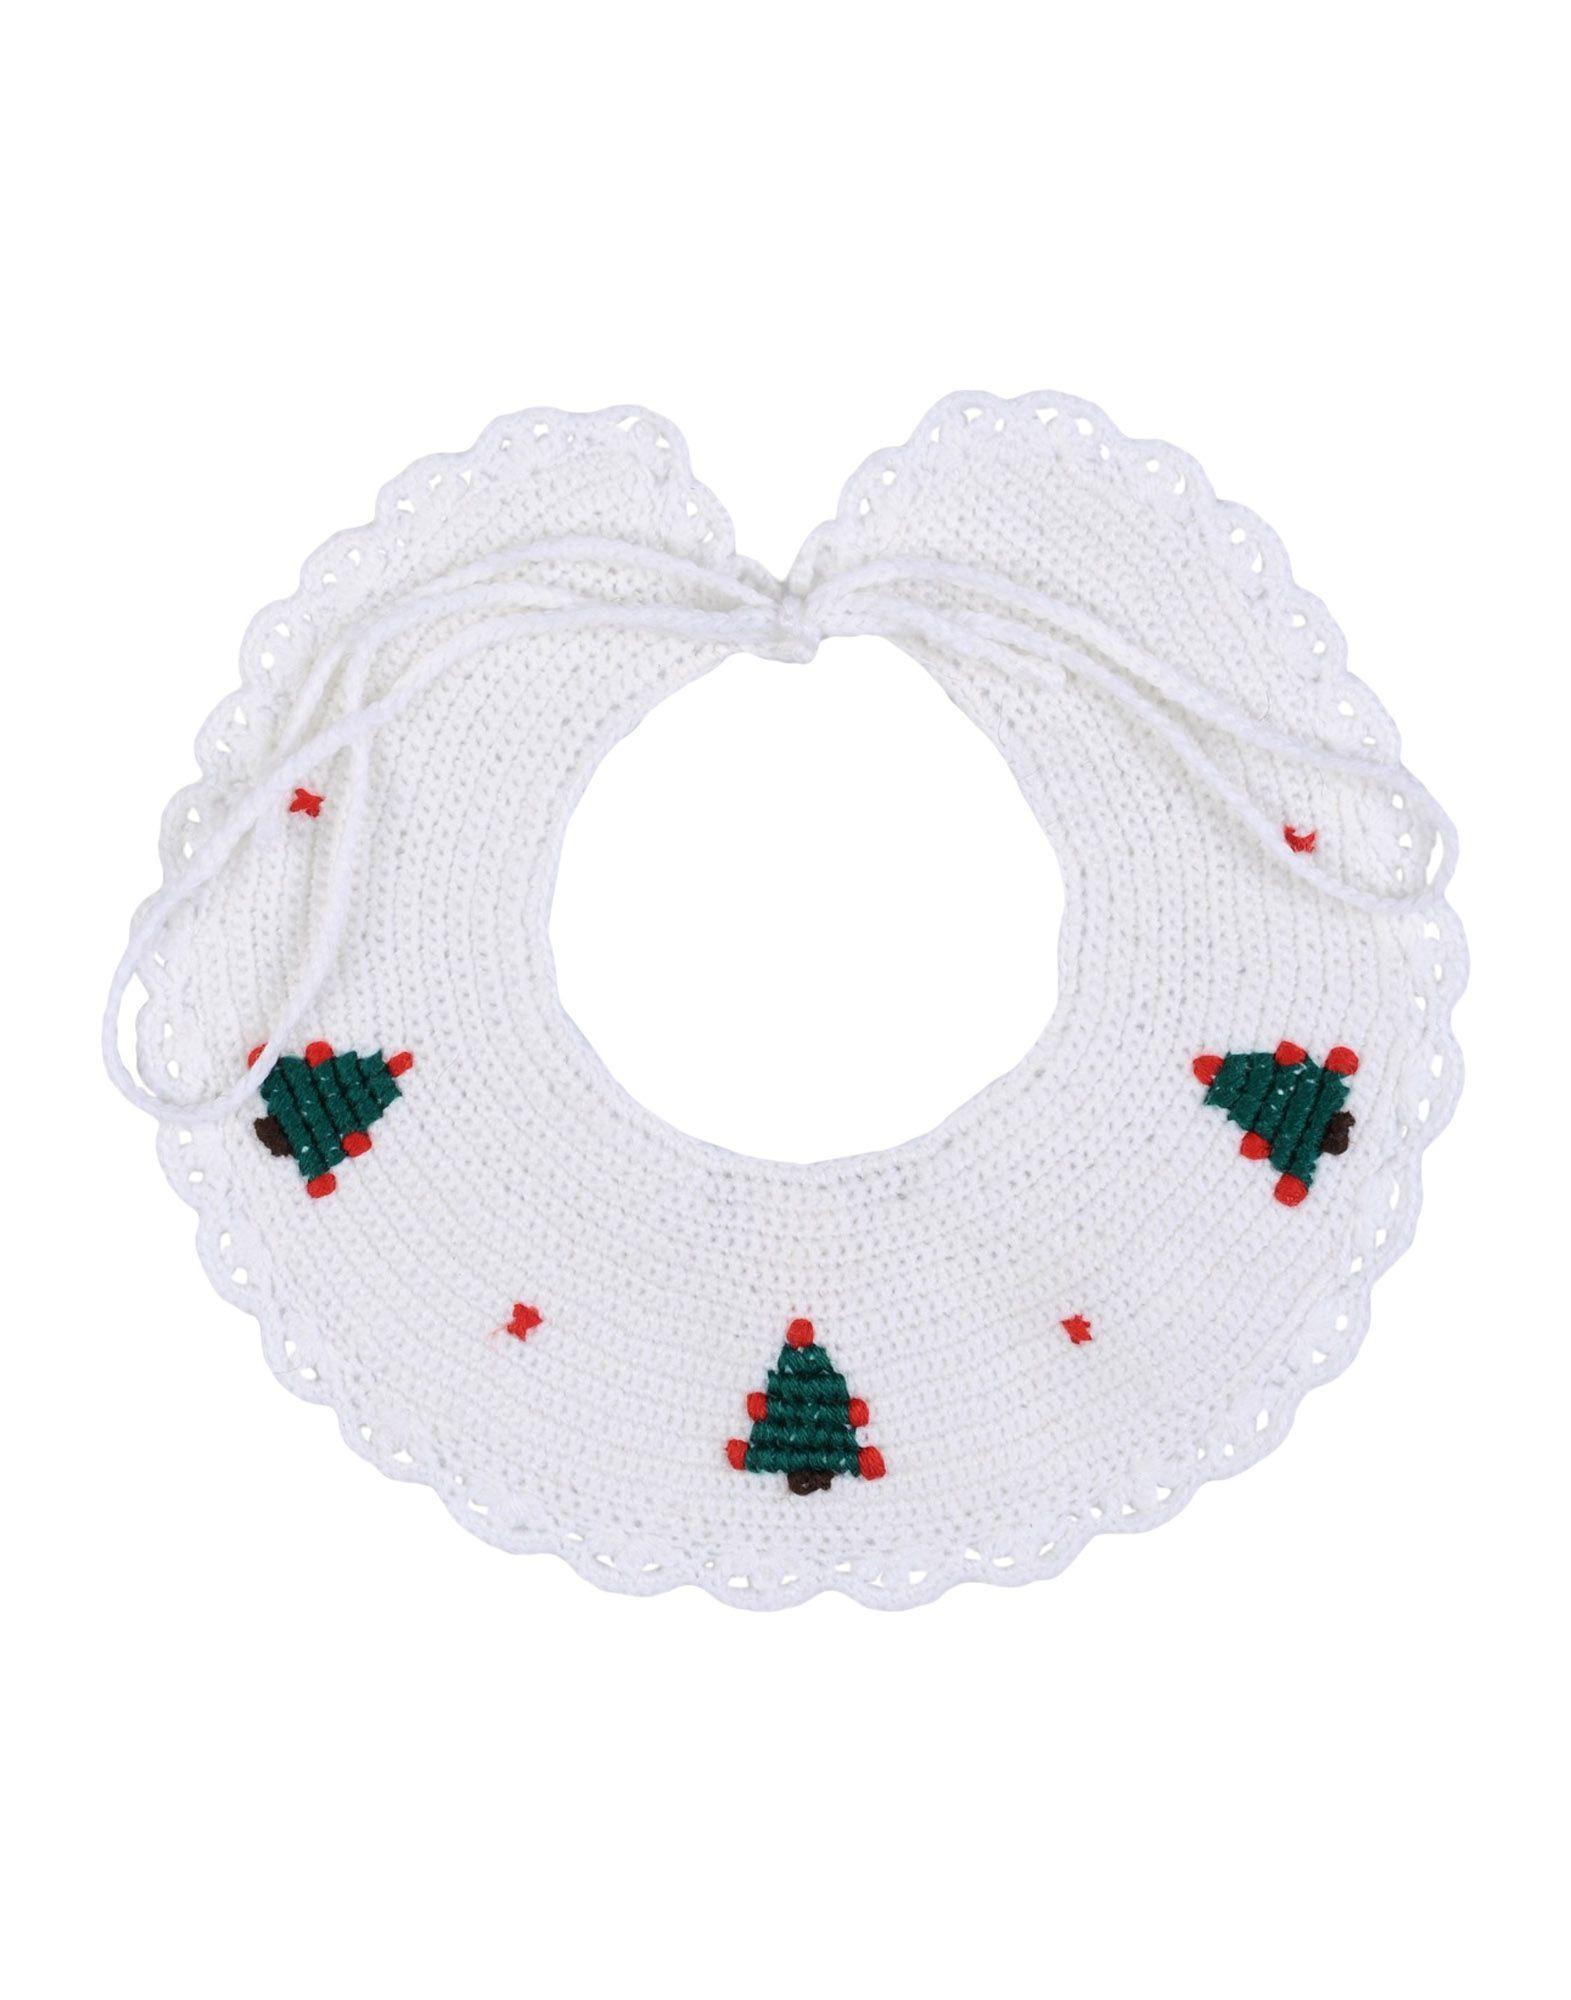 Dolce & Gabbana White Girls' Virgin Wool